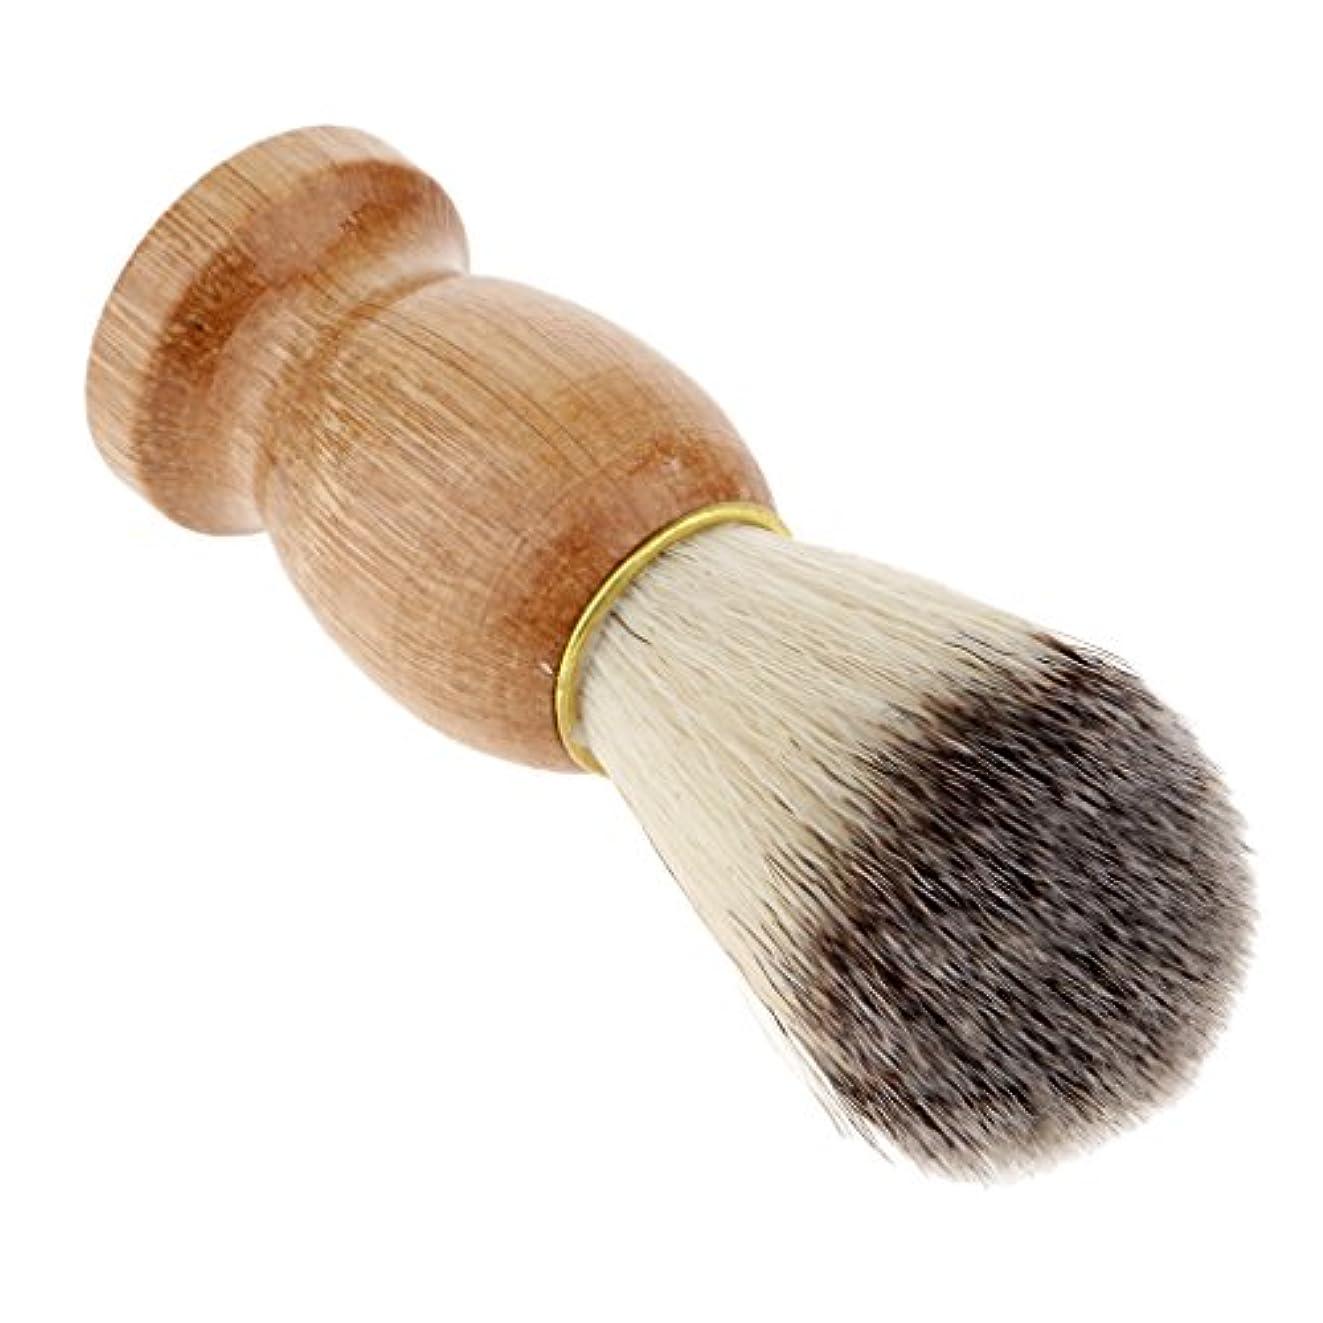 T TOOYFUL 人のための専門の木製の剃るブラシ、良質の木の剃毛用具